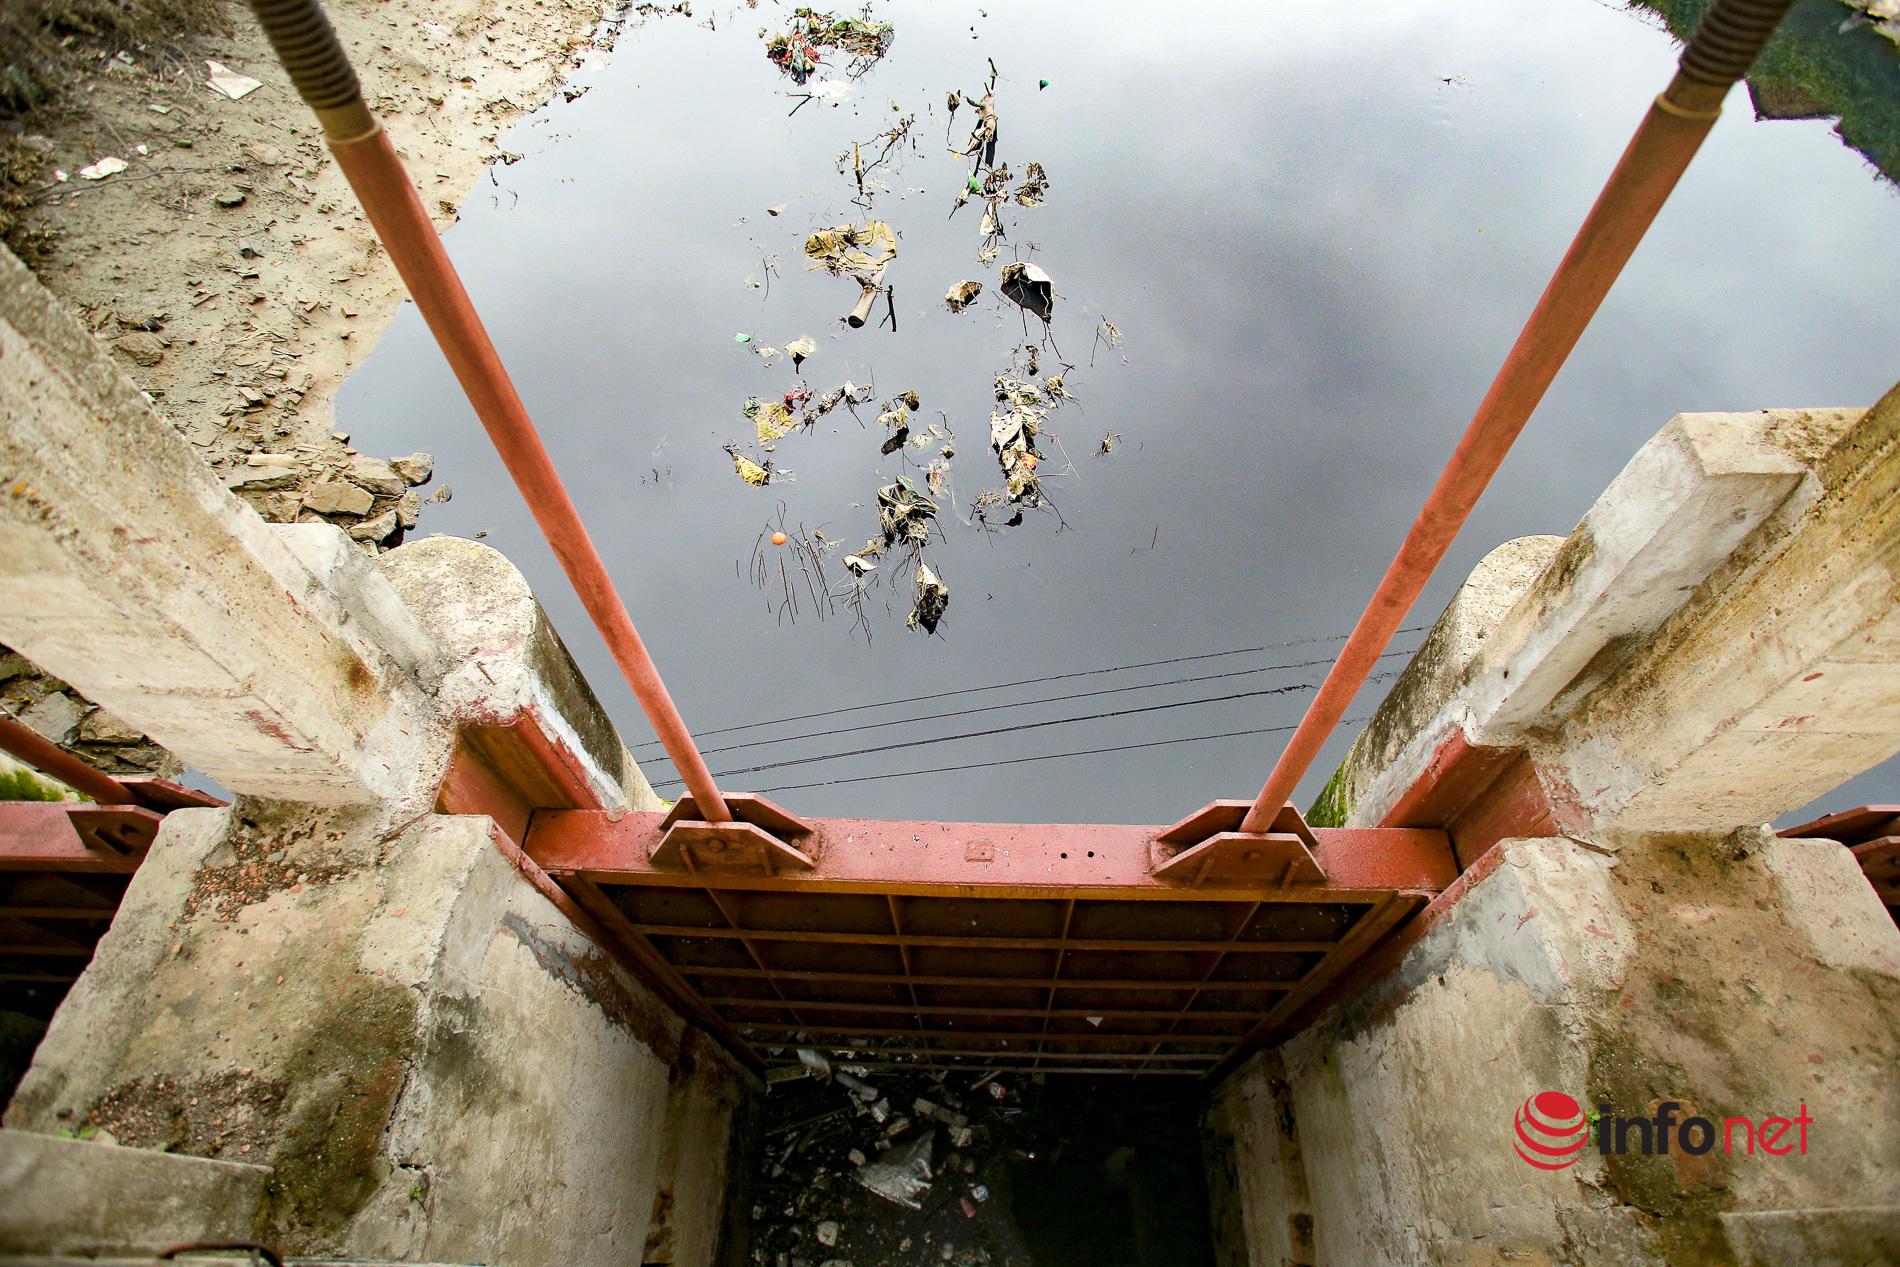 Kênh thủy lợi ô nhiễm nghiêm trọng, trăm hộ dân bịt mũi chịu đựng suốt nhiều năm